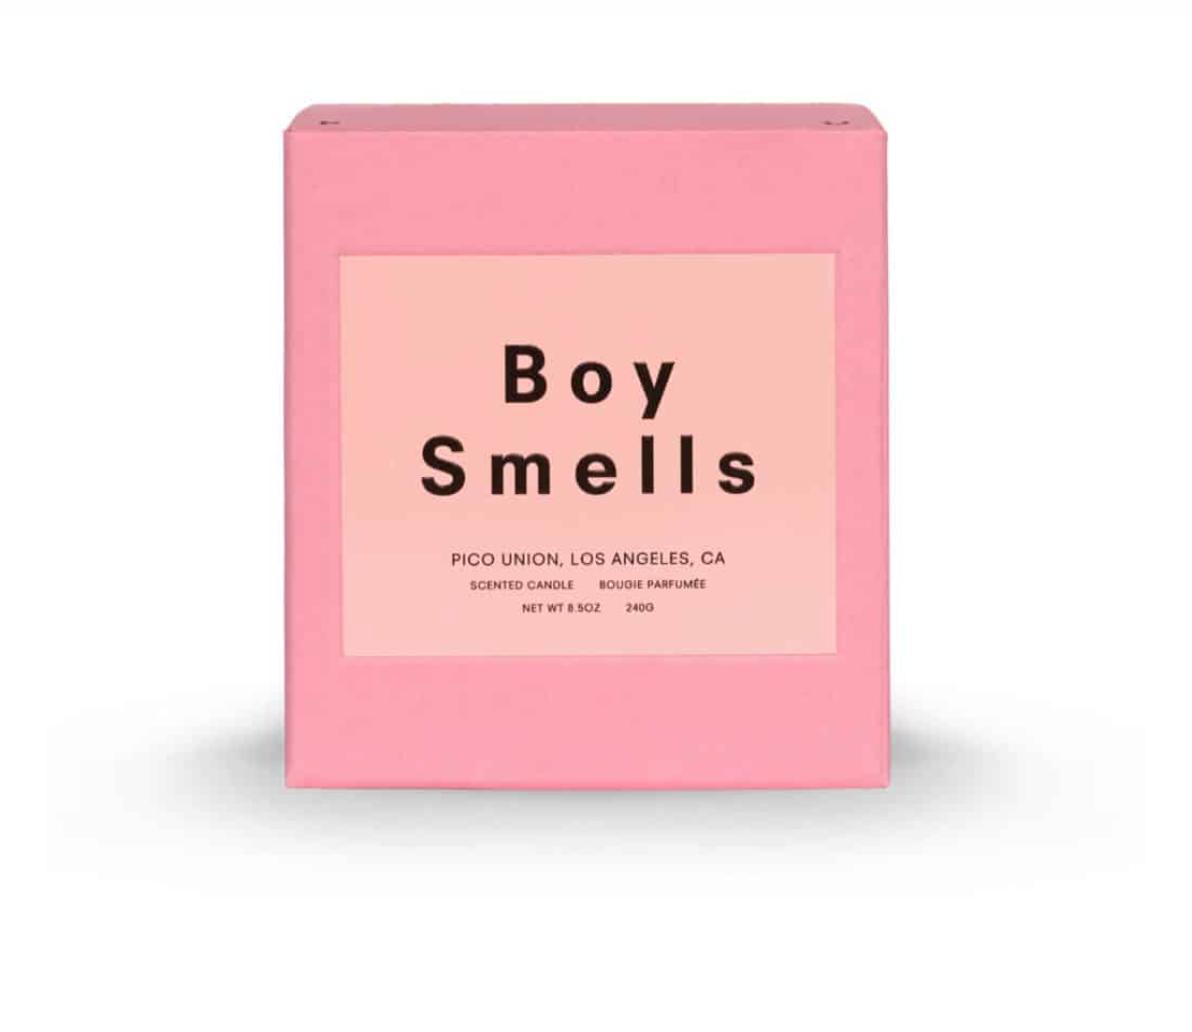 Boy Smells PRIDE 2020 Cameo Boy Smells 8.5 oz Candle